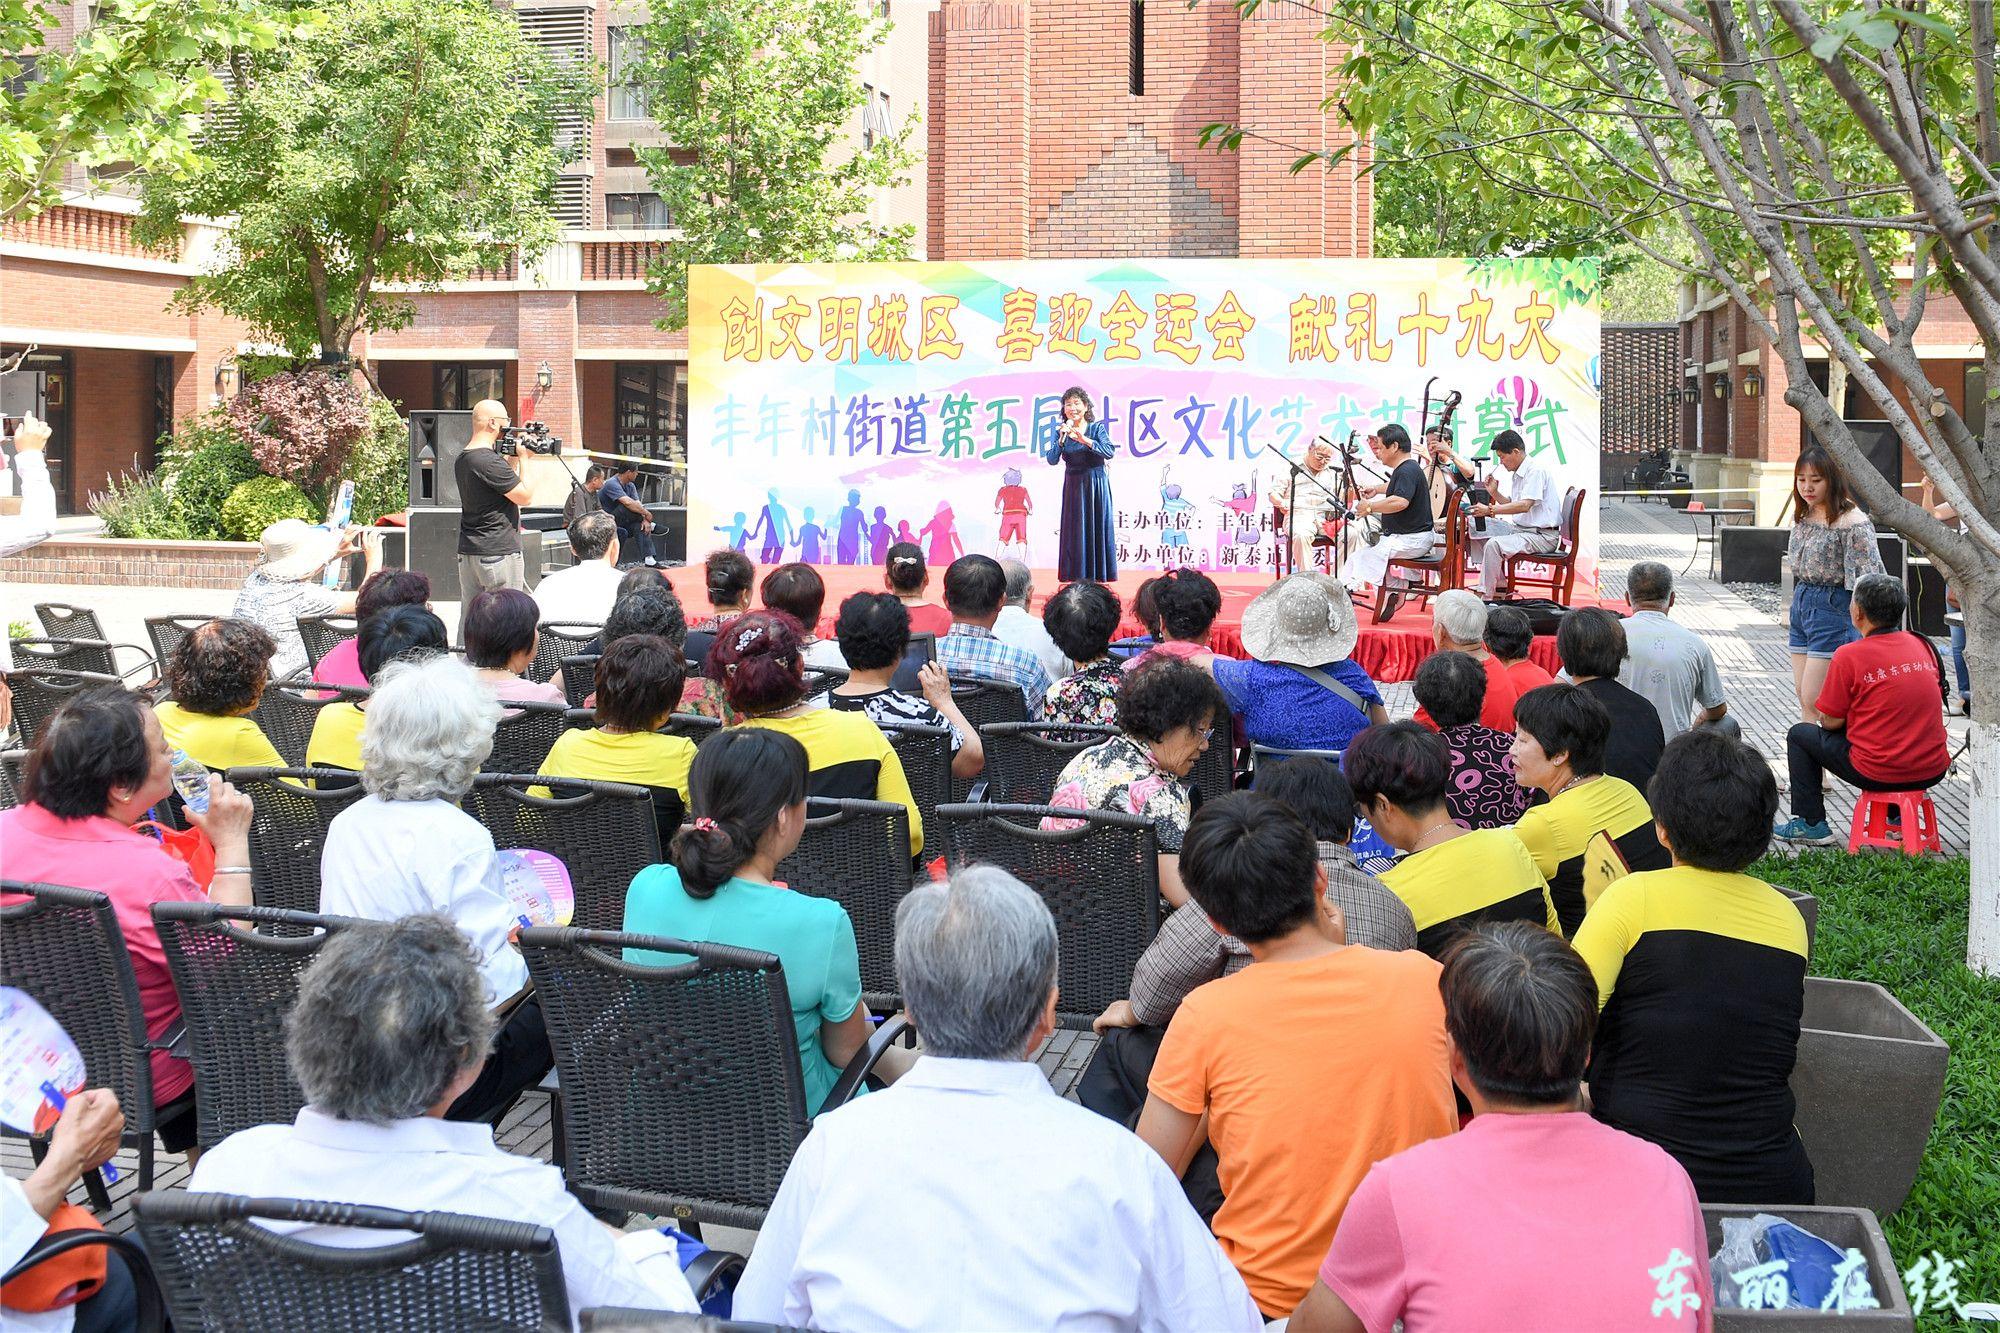 丰年村街举办第五届社区文化艺术节